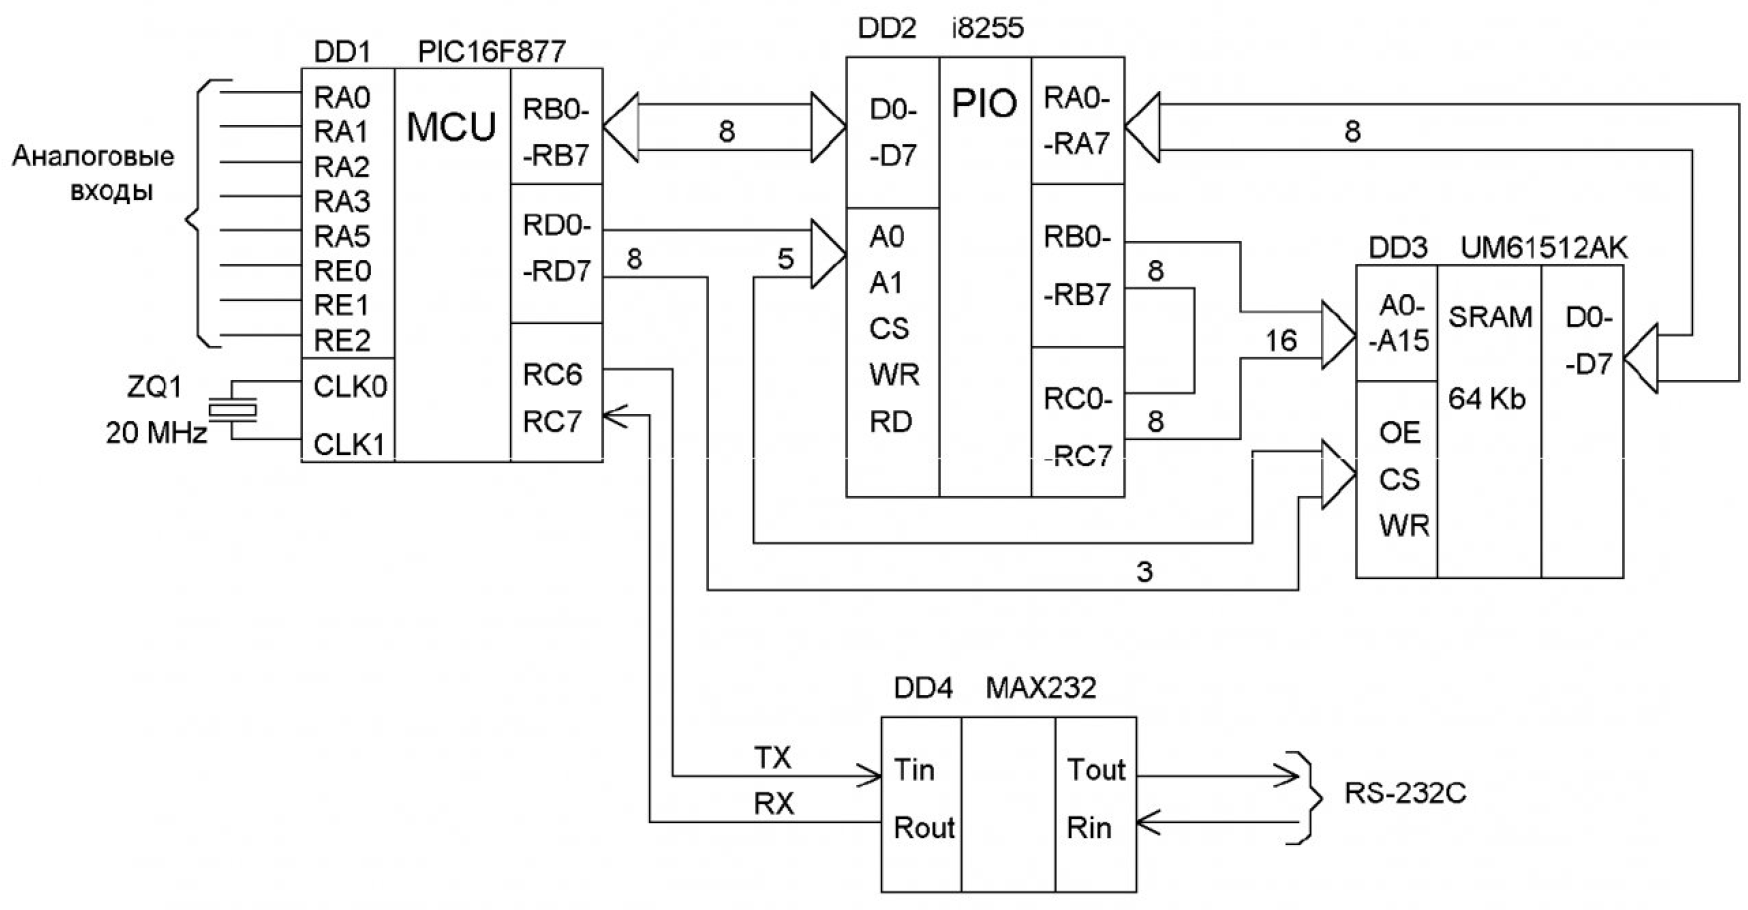 Разработка микропроцессорных устройств для первичной обработки информации с геофизических датчиков 2